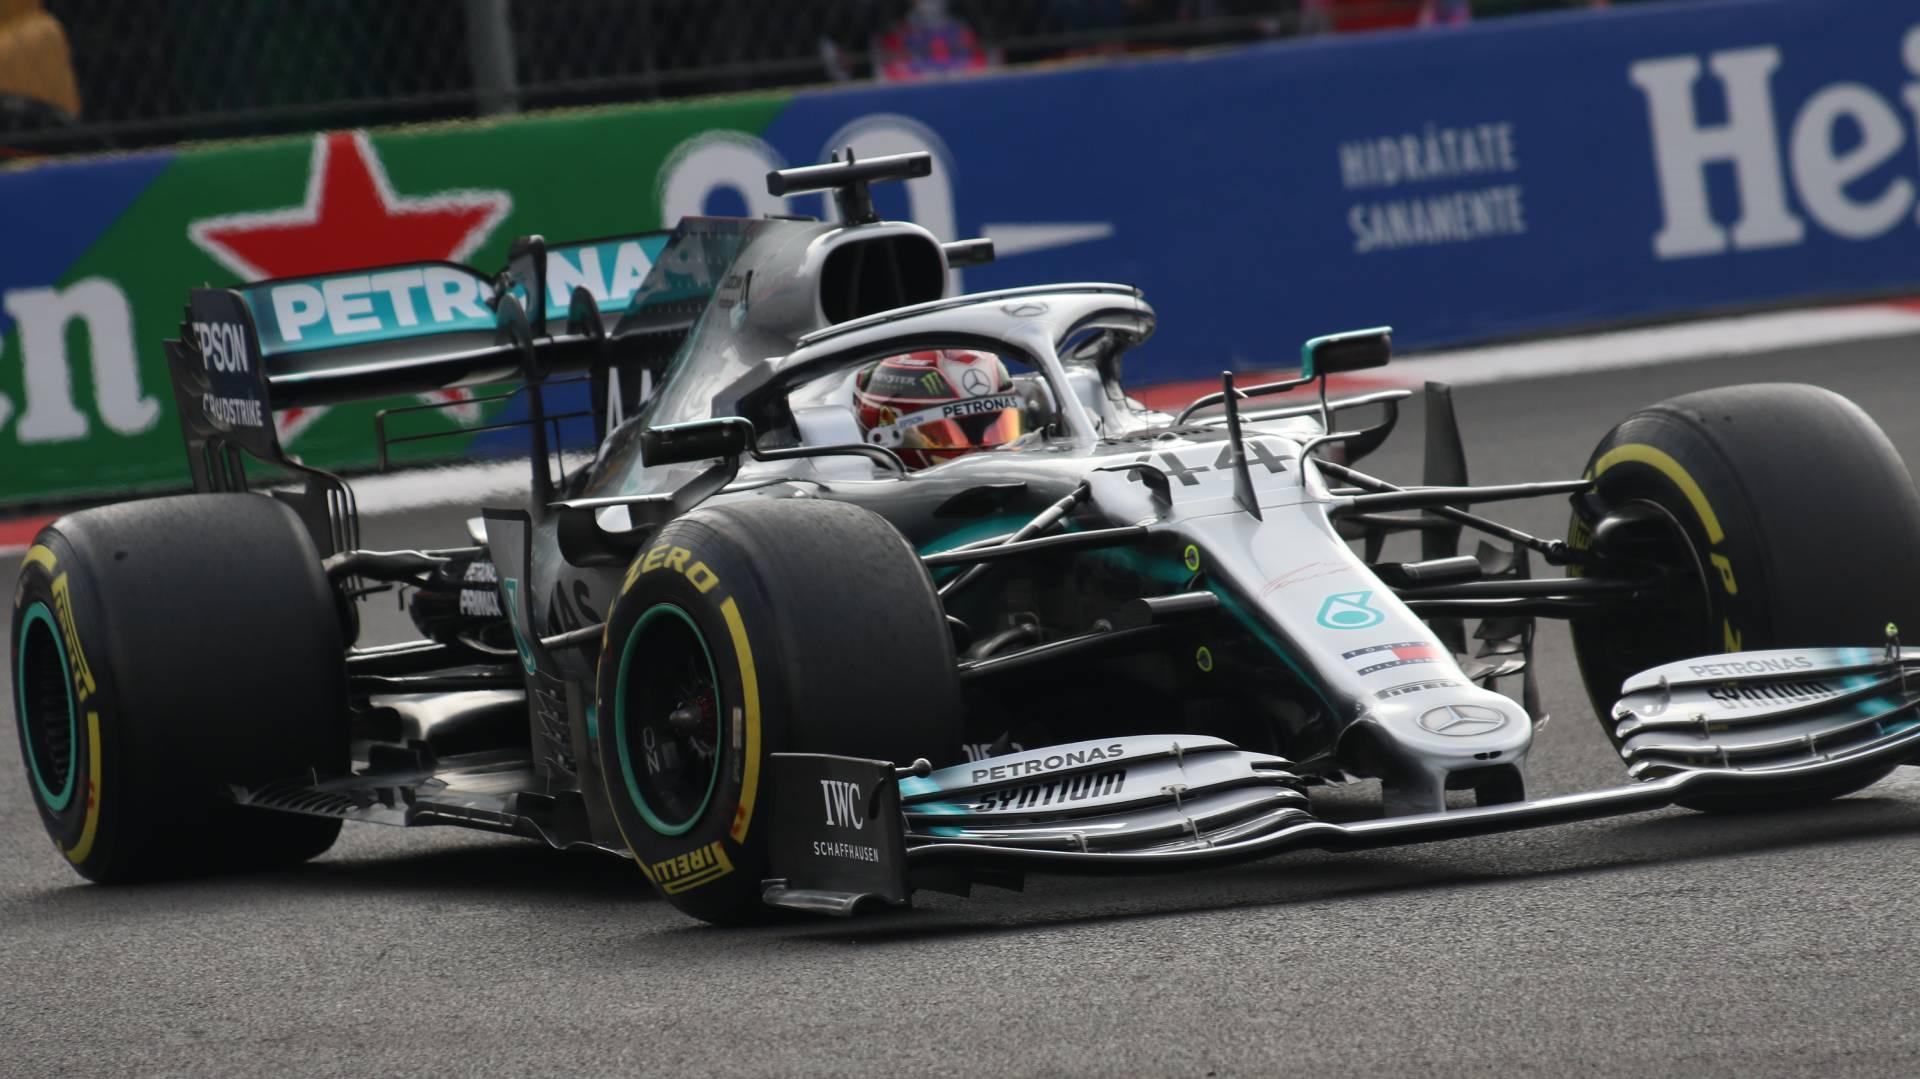 Hace poco más de dos meses, la permanencia del Gran Premio de México en el calendario de Fórmula 1 pendía de un hilo, pero ya se garantizaron tres años más de esta carrera (Foto: Cuartoscuro)